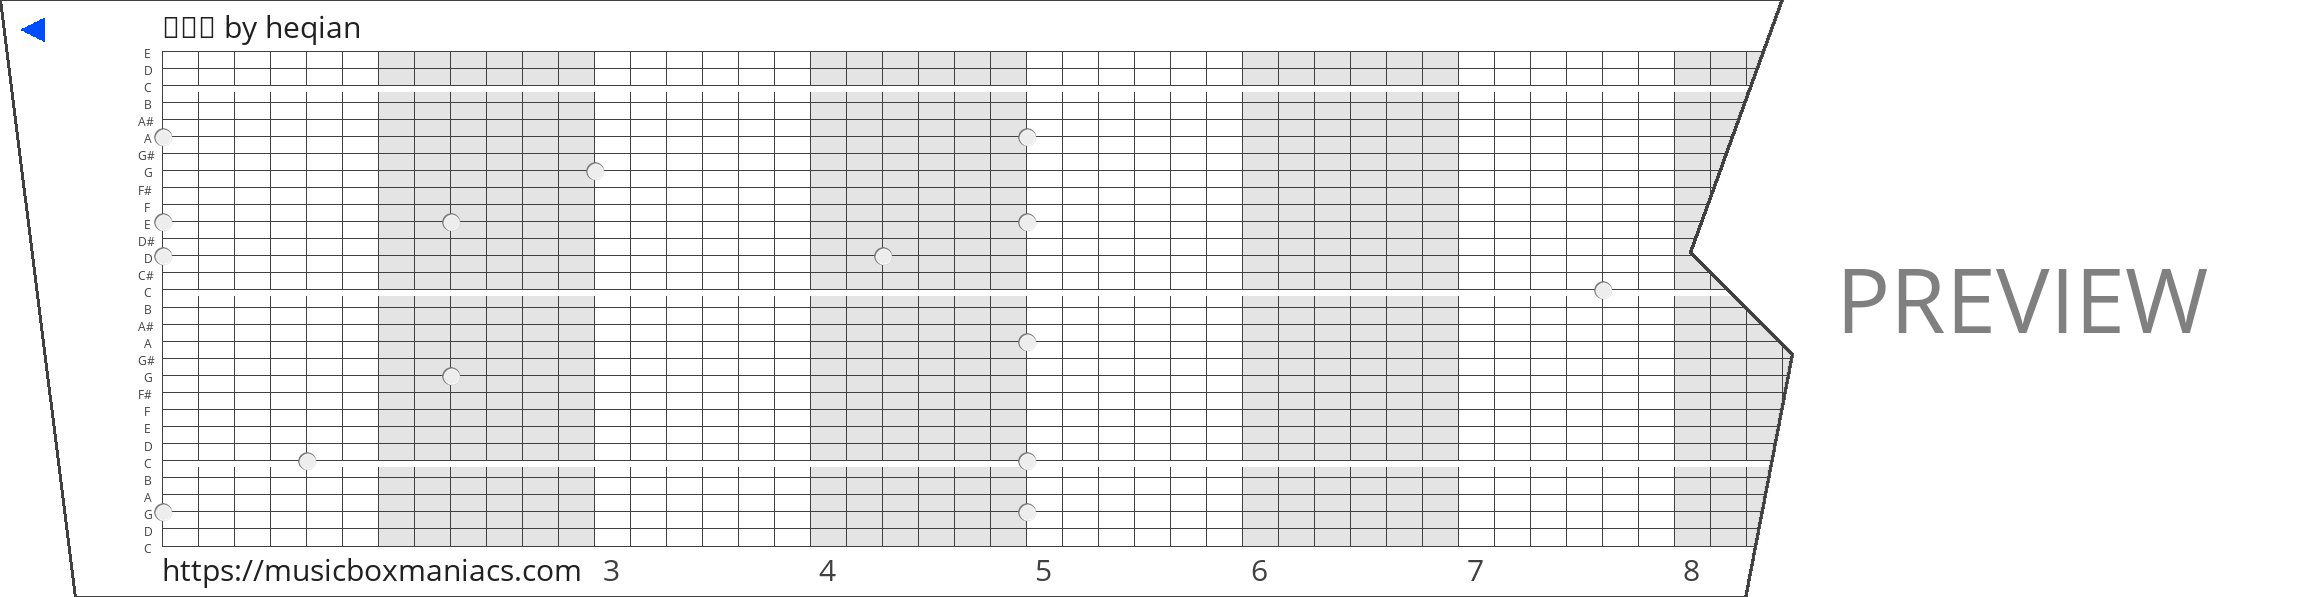 锦鲤抄 30 note music box paper strip